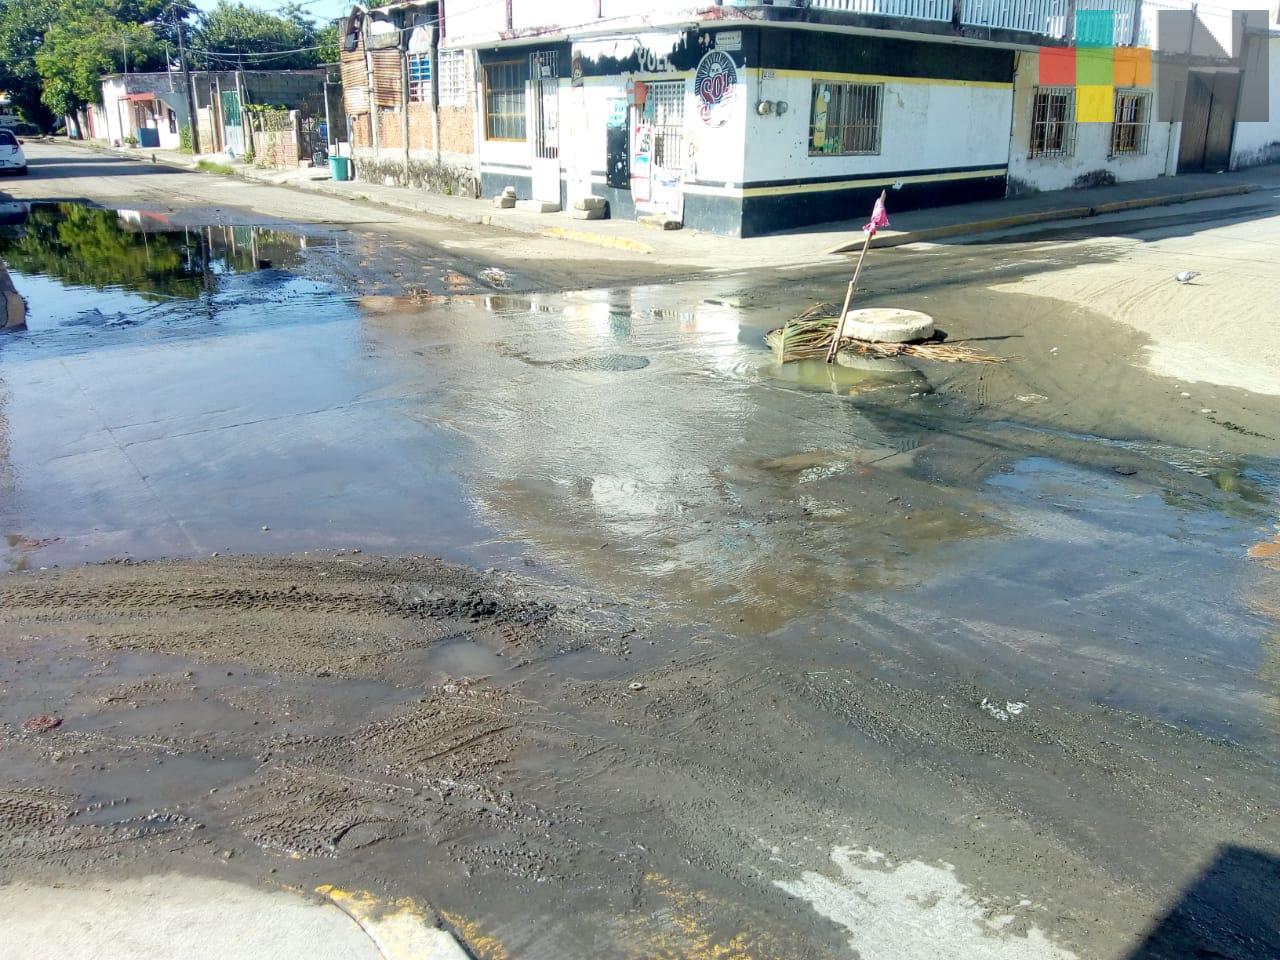 Reportan fuga de aguas negras en calle Democracia esquina Arista, en Veracruz puerto